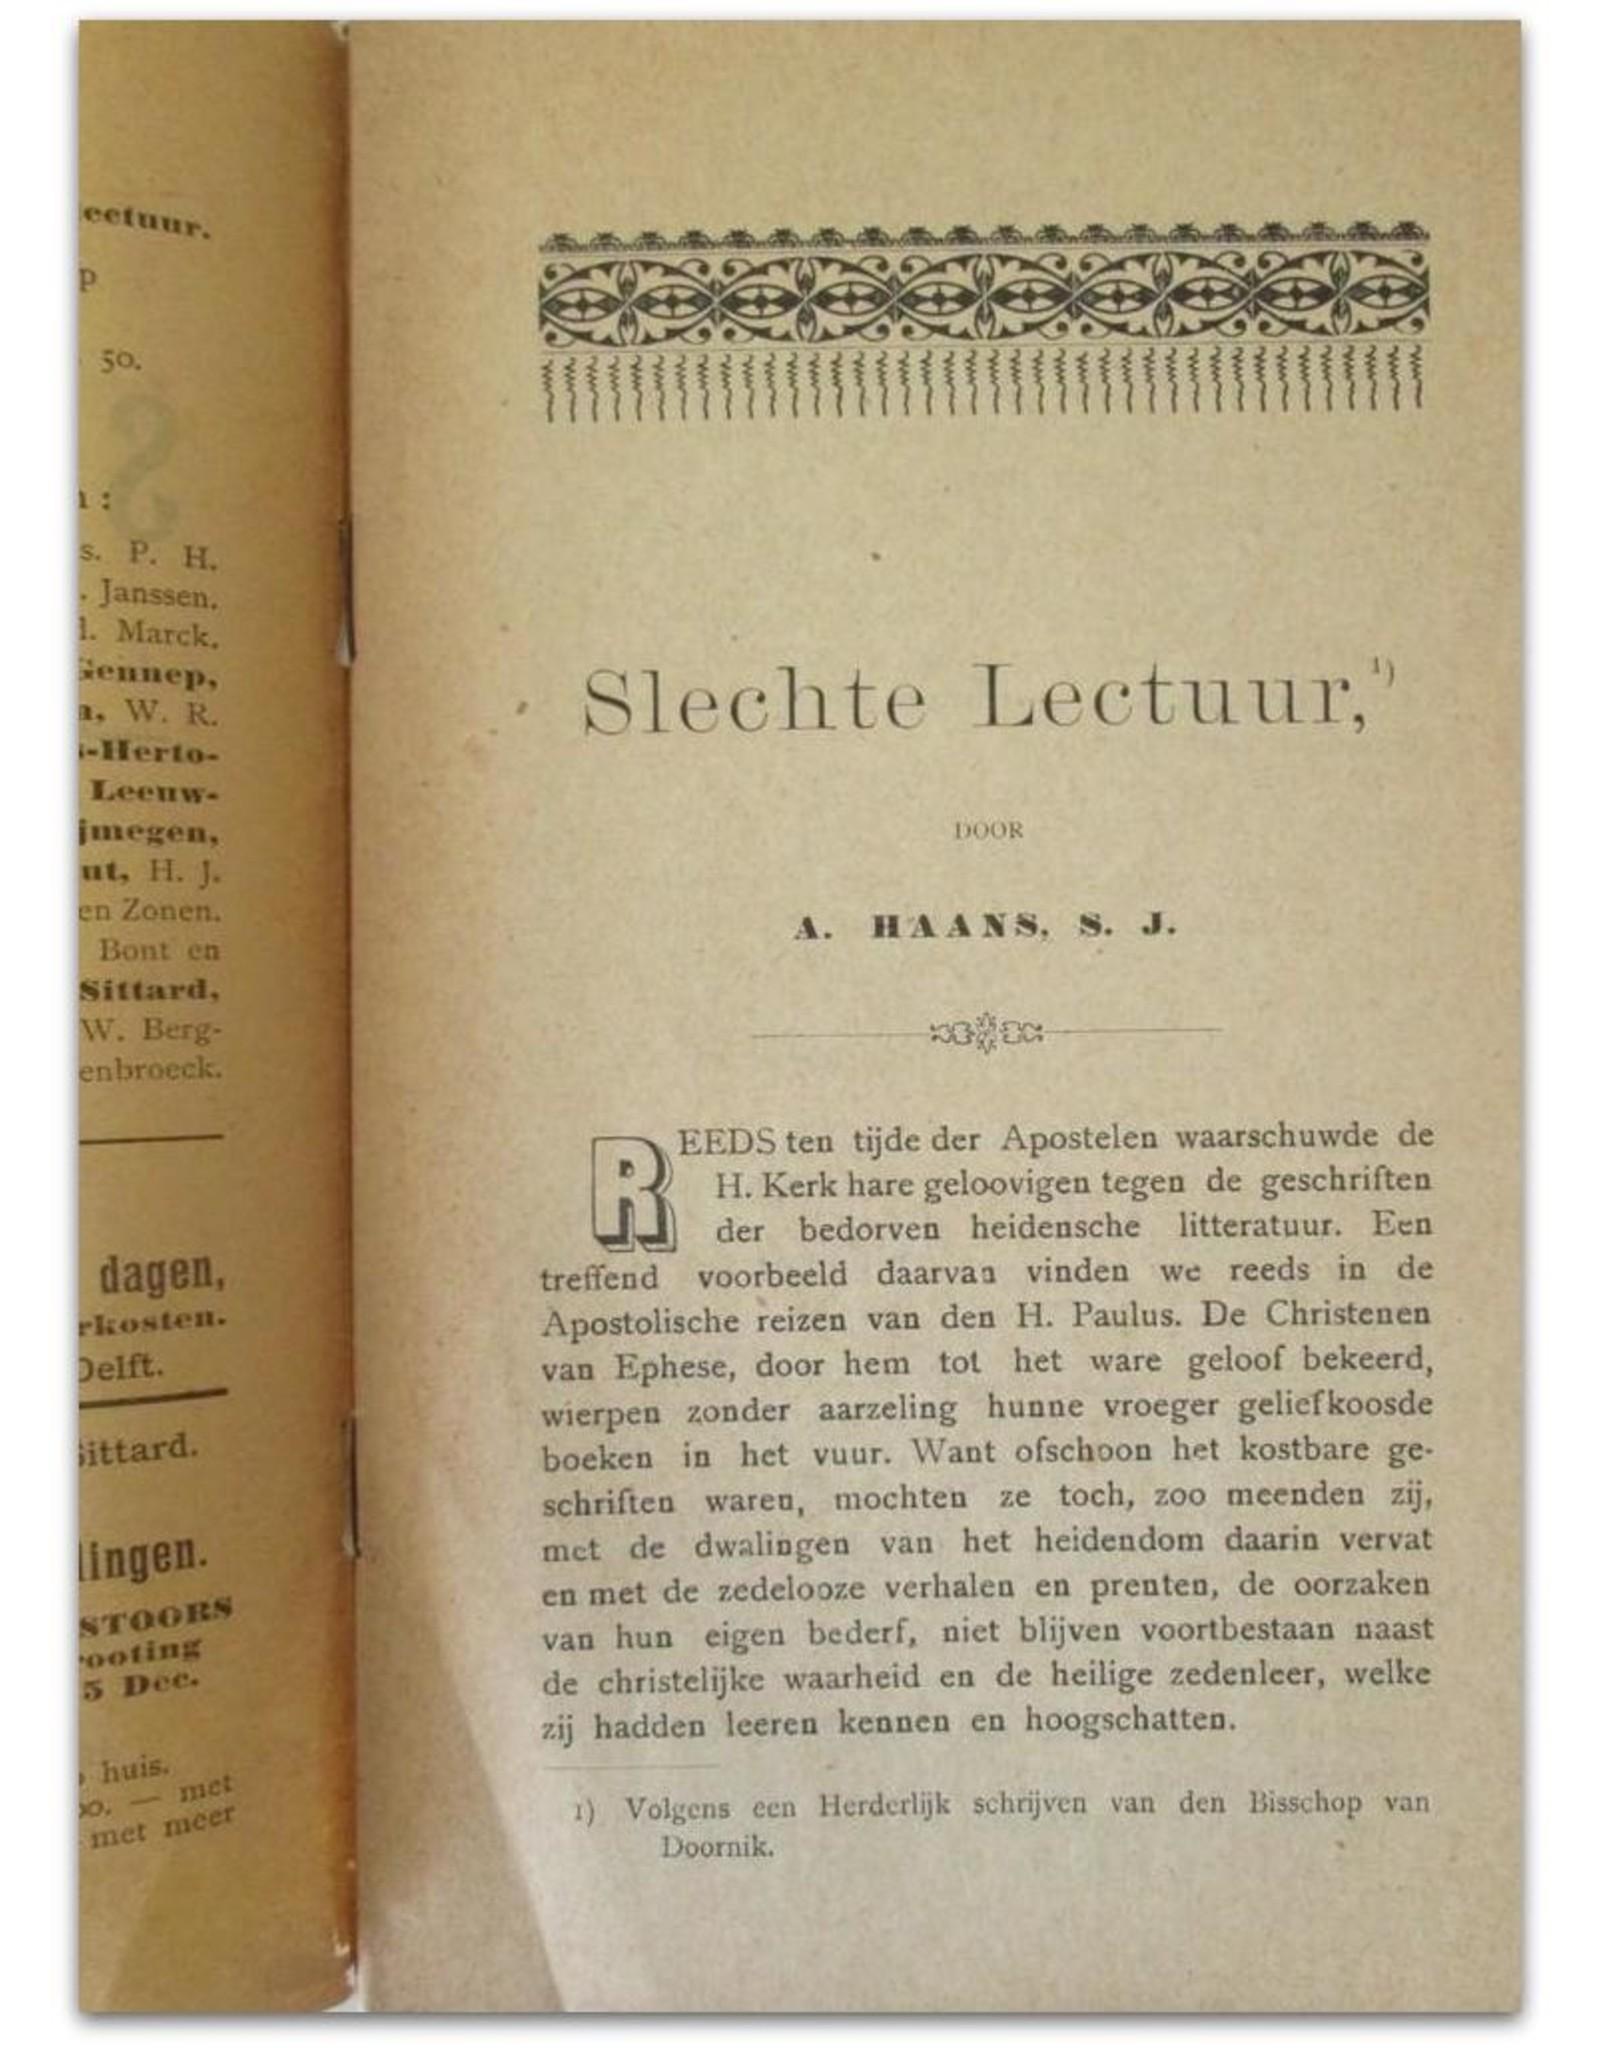 A. Haans S.J. - Slechte Lectuur [Gele Boekjes reeks] Jaargang 9, No. 2